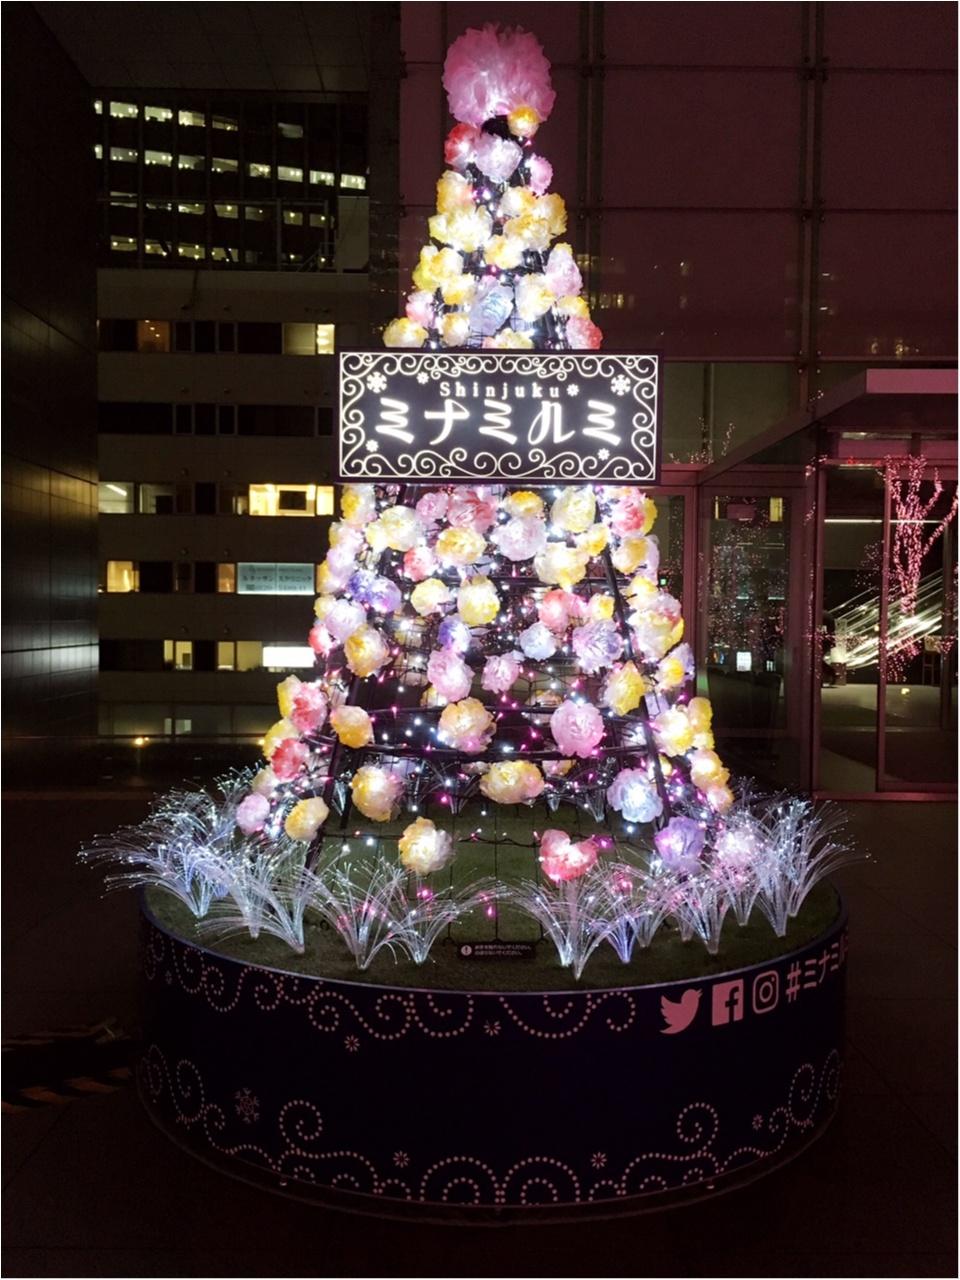 新宿の冬をベビーピンク色に染め上げる♡『新宿テラスシティ』のイルミネーションが女子力高め!体験型の『スマイルタワー』って?♡_9